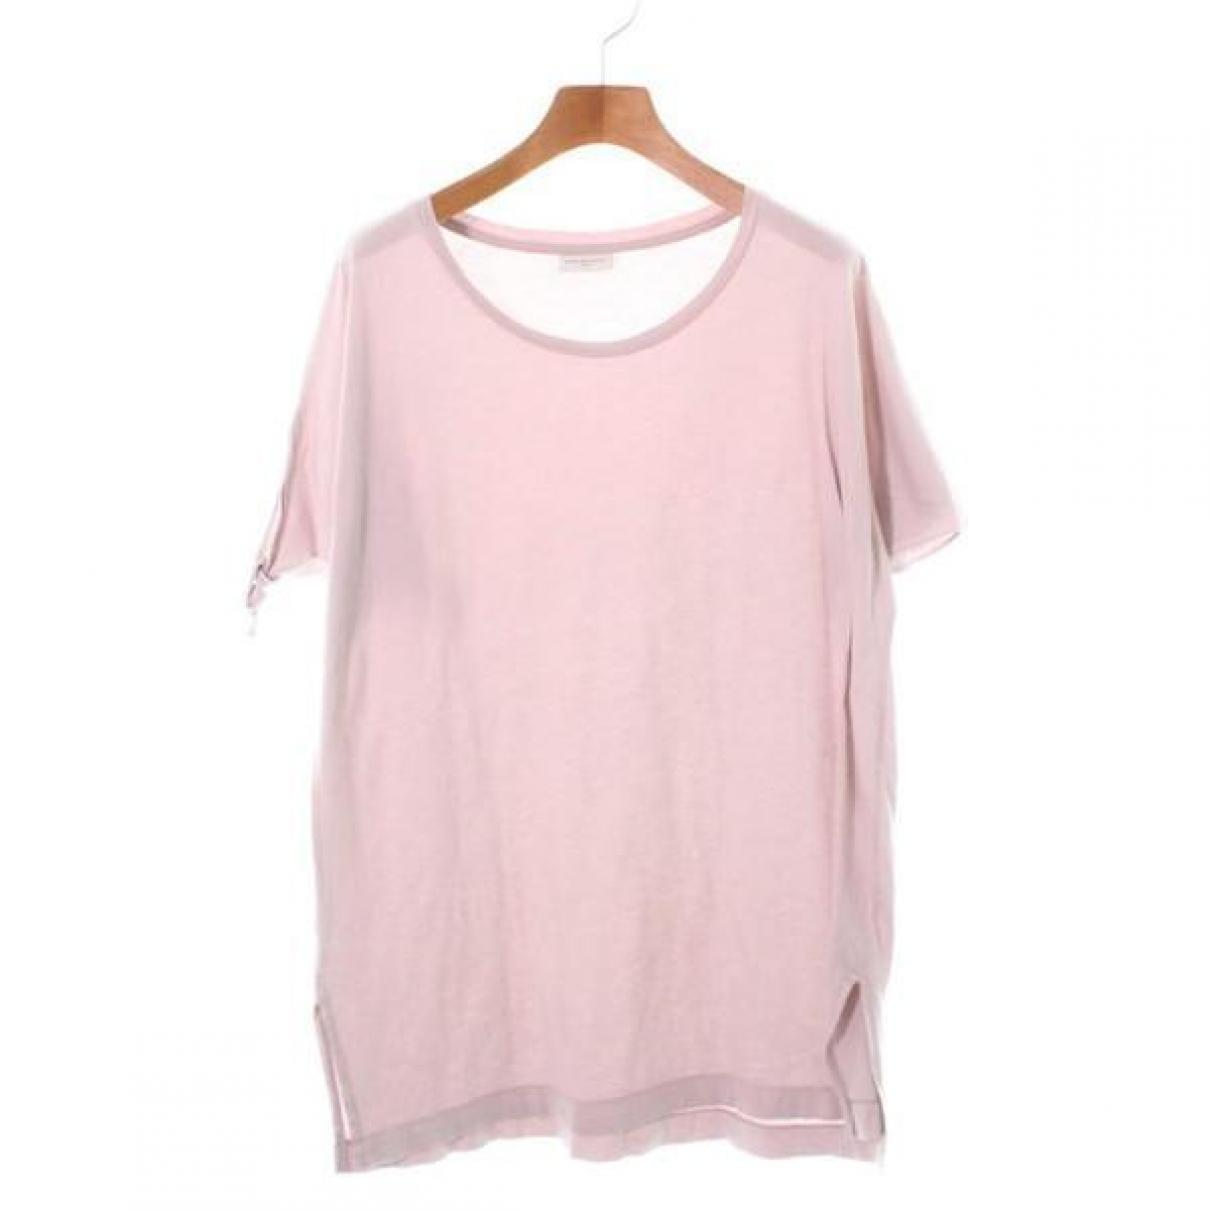 Dries Van Noten - Top   pour femme en coton - rose